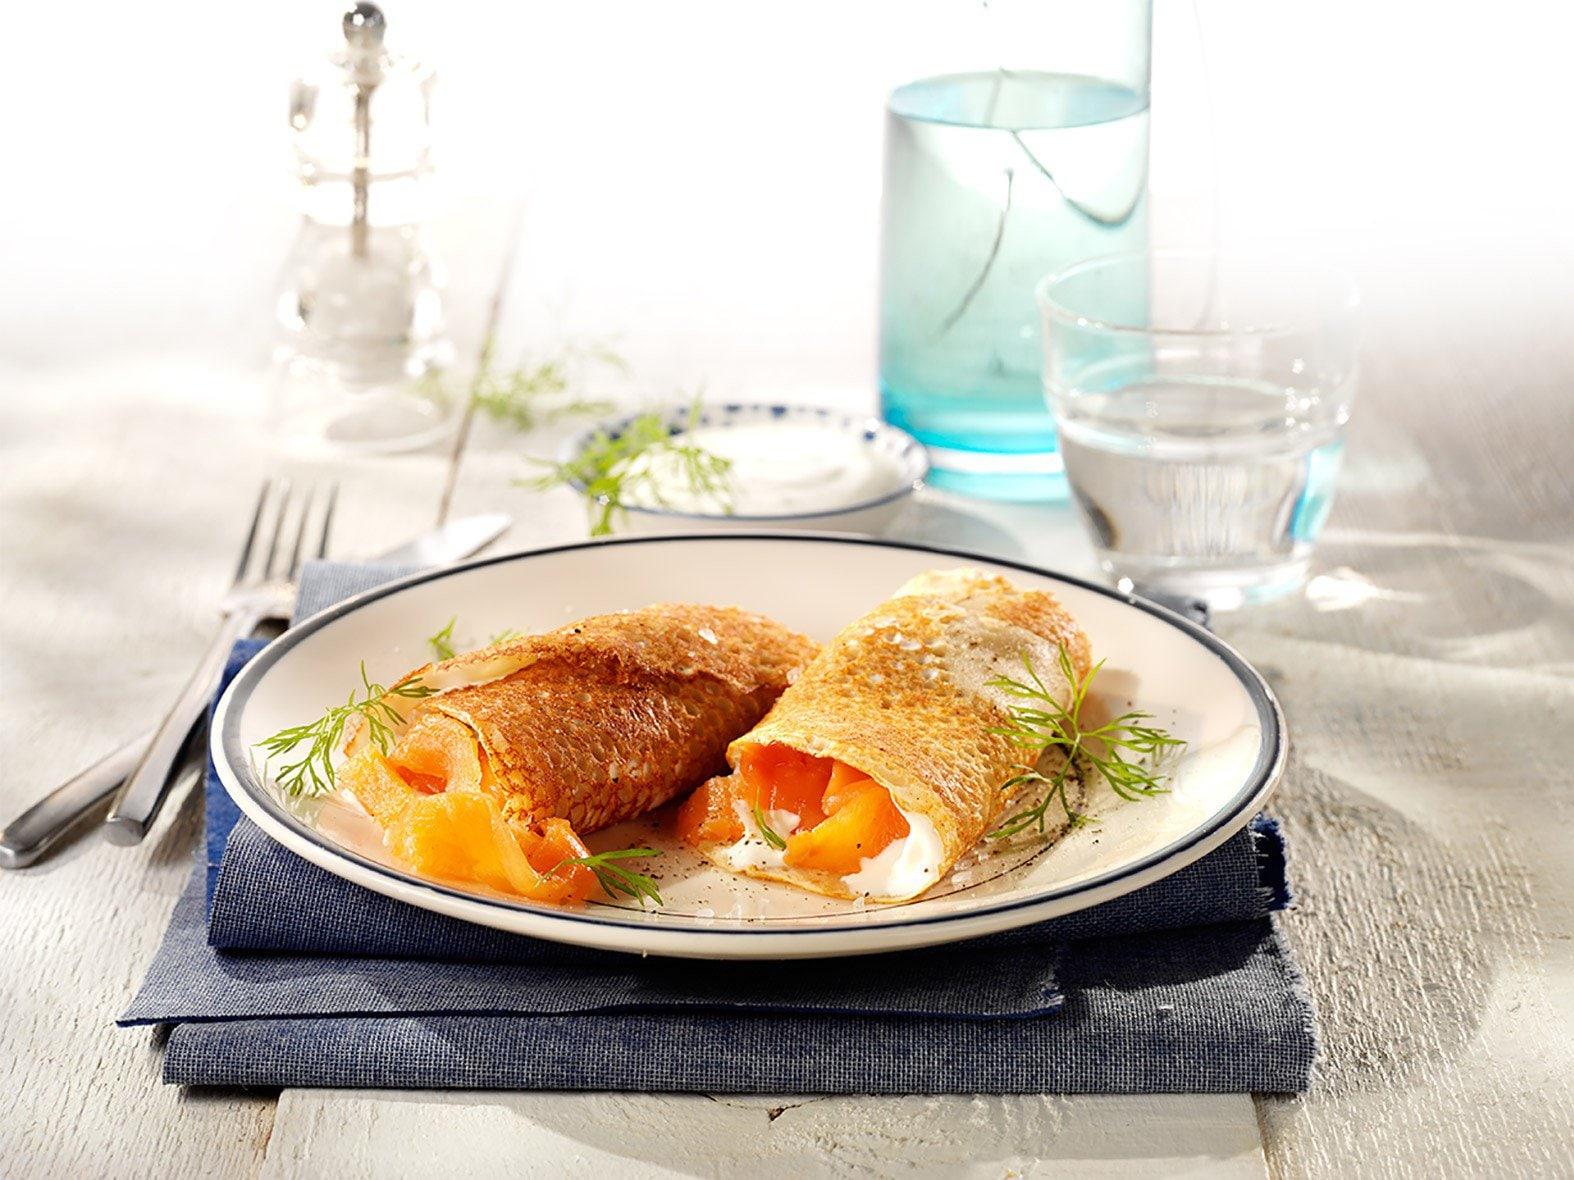 Crêpes de sarrasin au saumon fumé